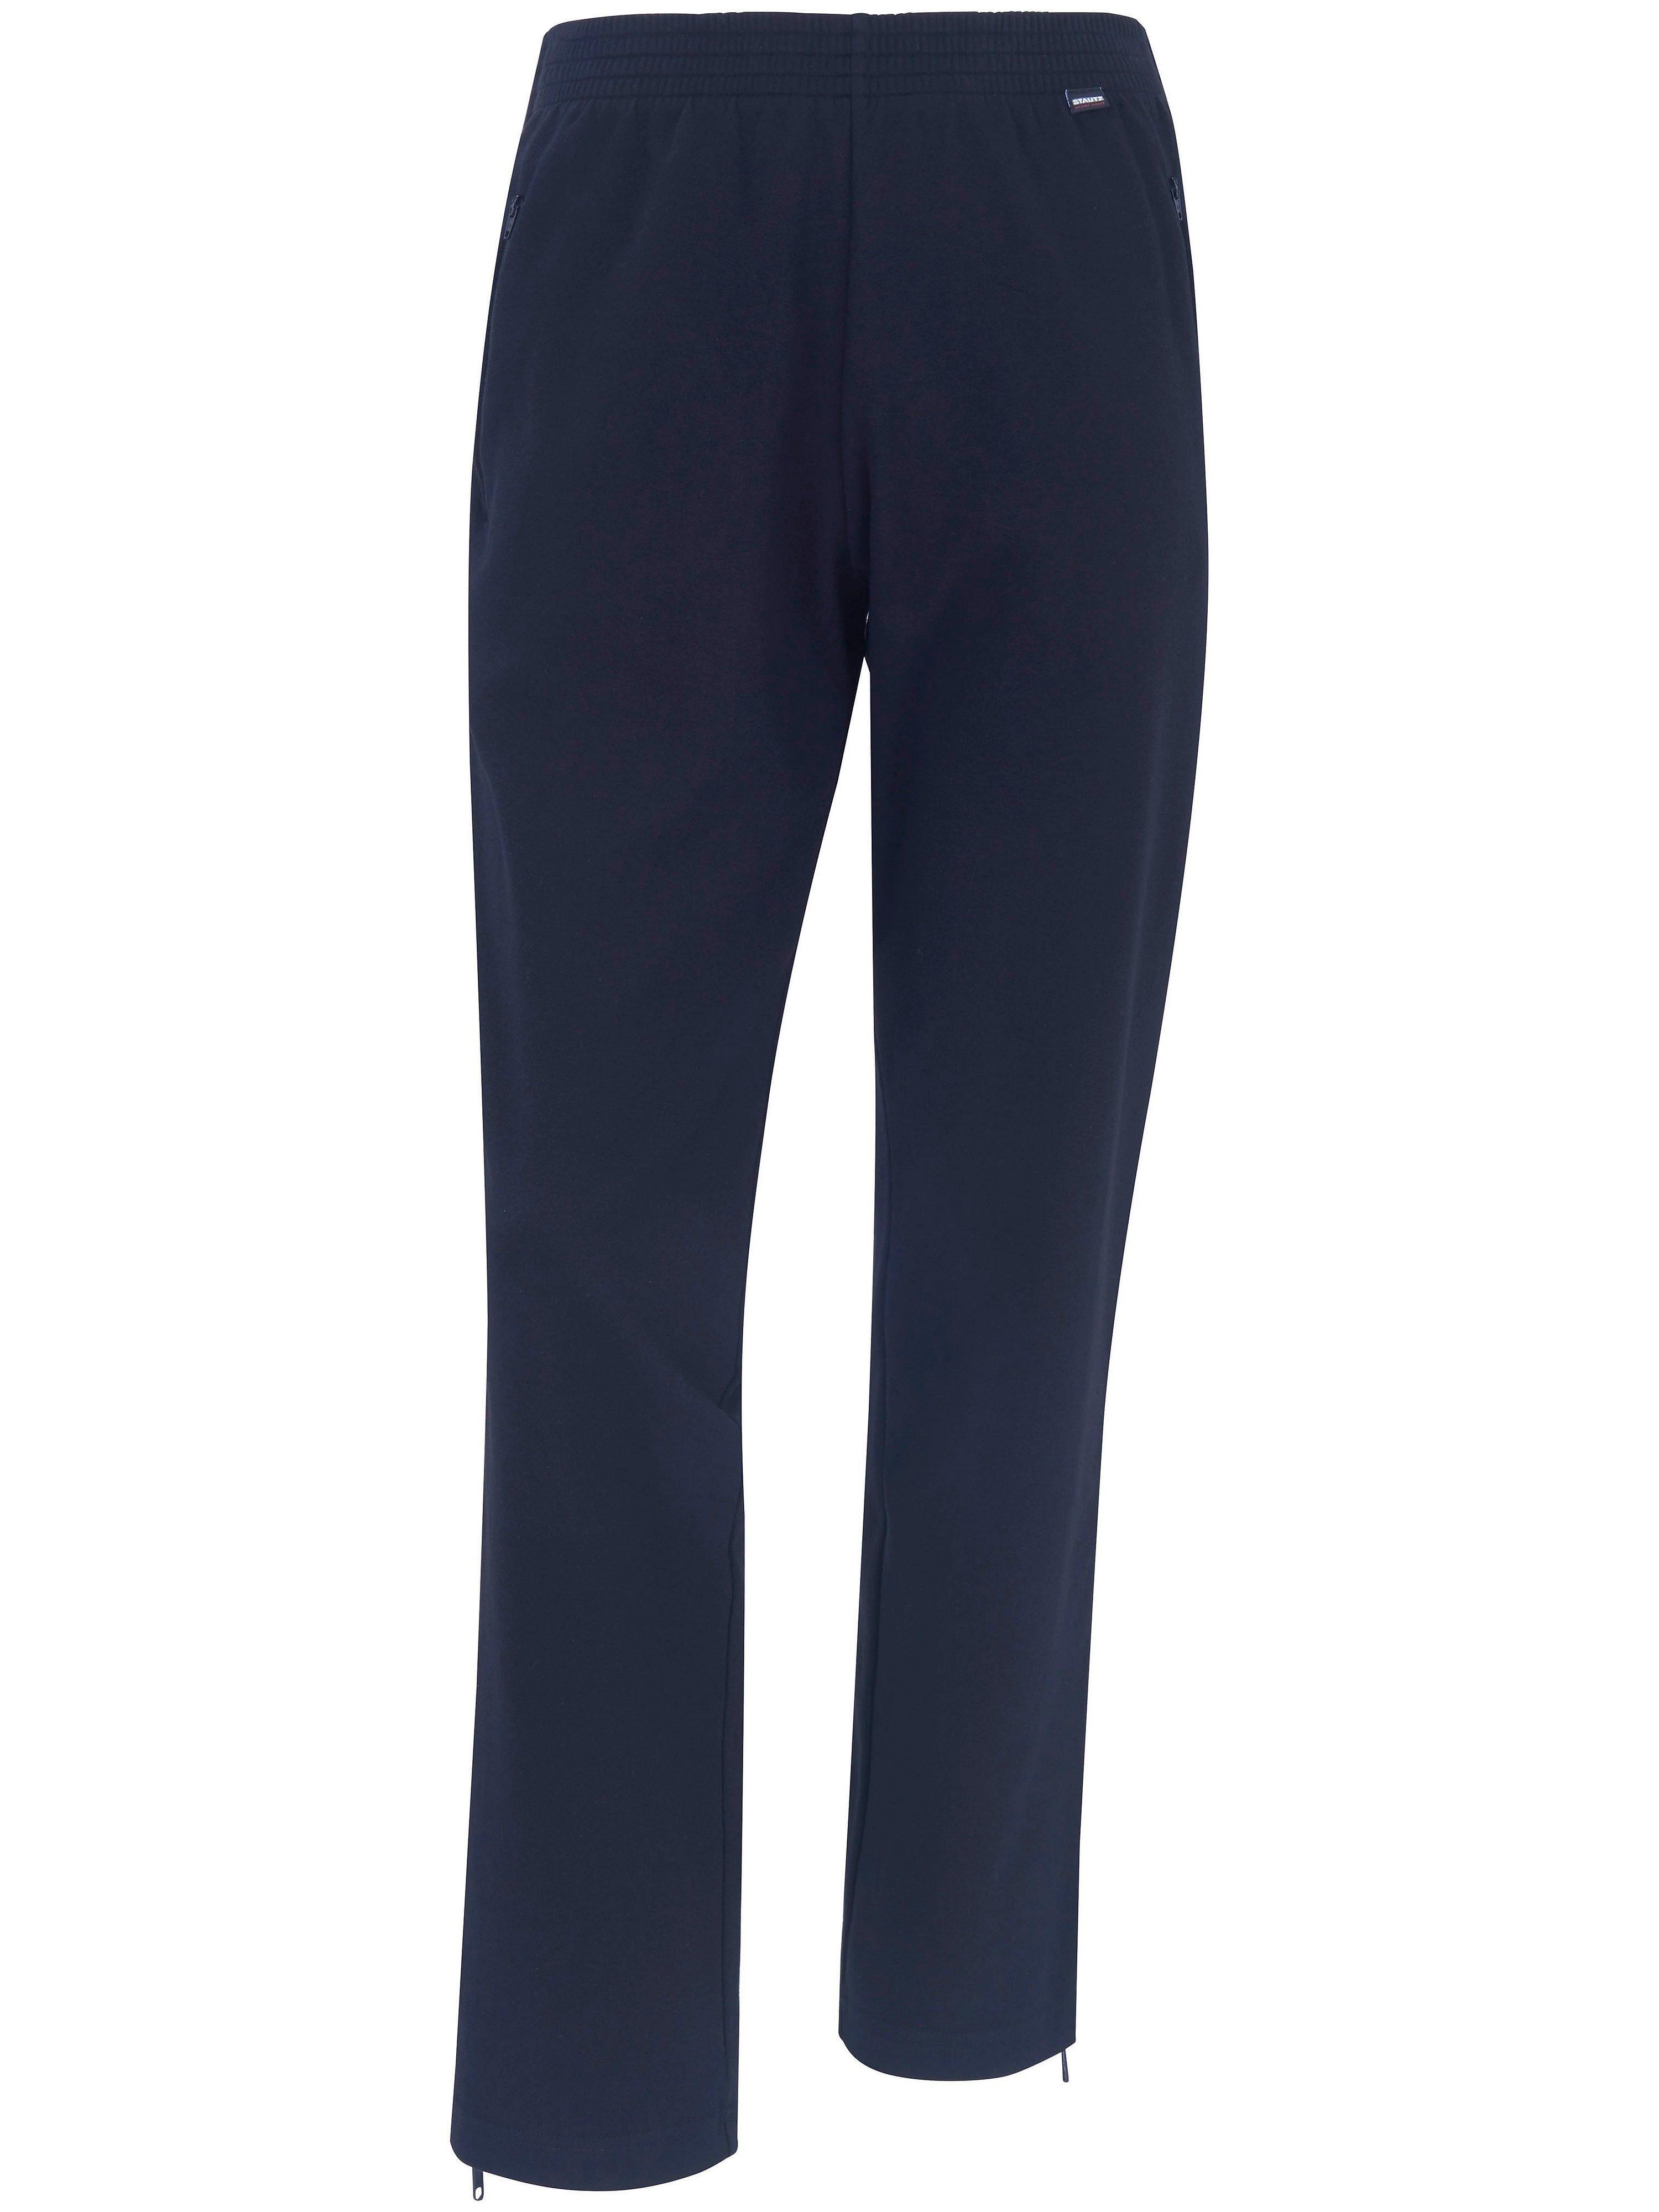 Le pantalon spécial rééducation  Stautz bleu taille 50